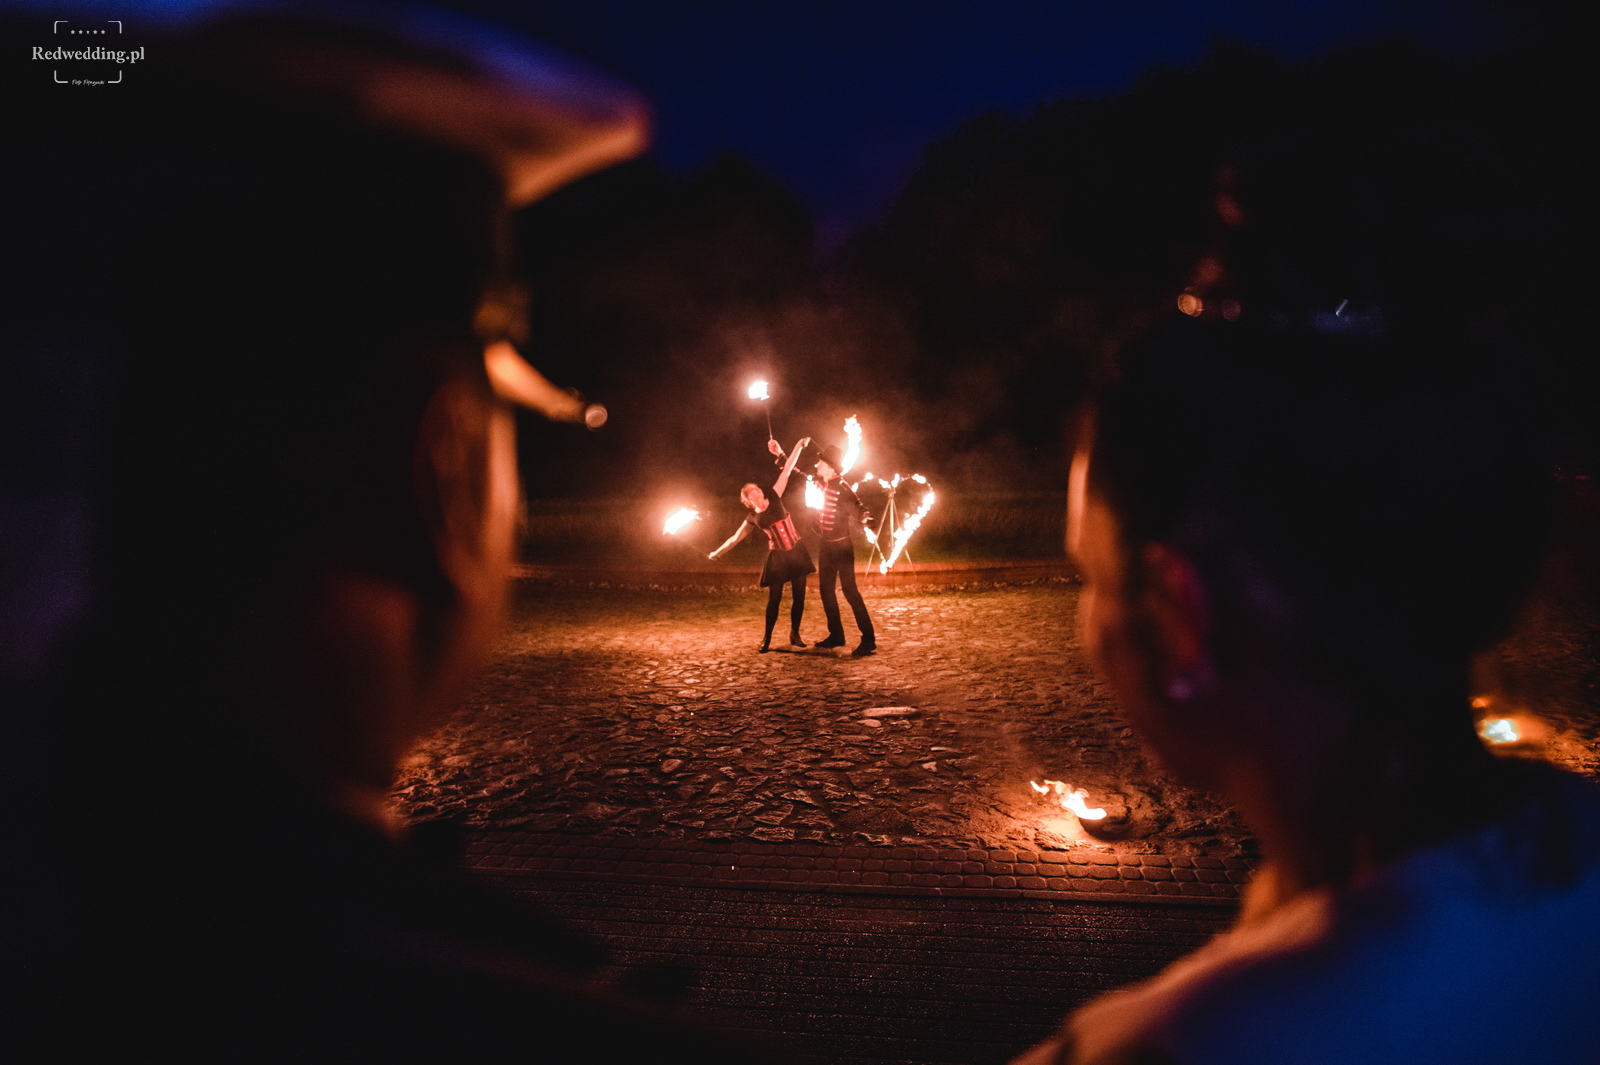 Fotograf na ślub Gdańsk redwedding